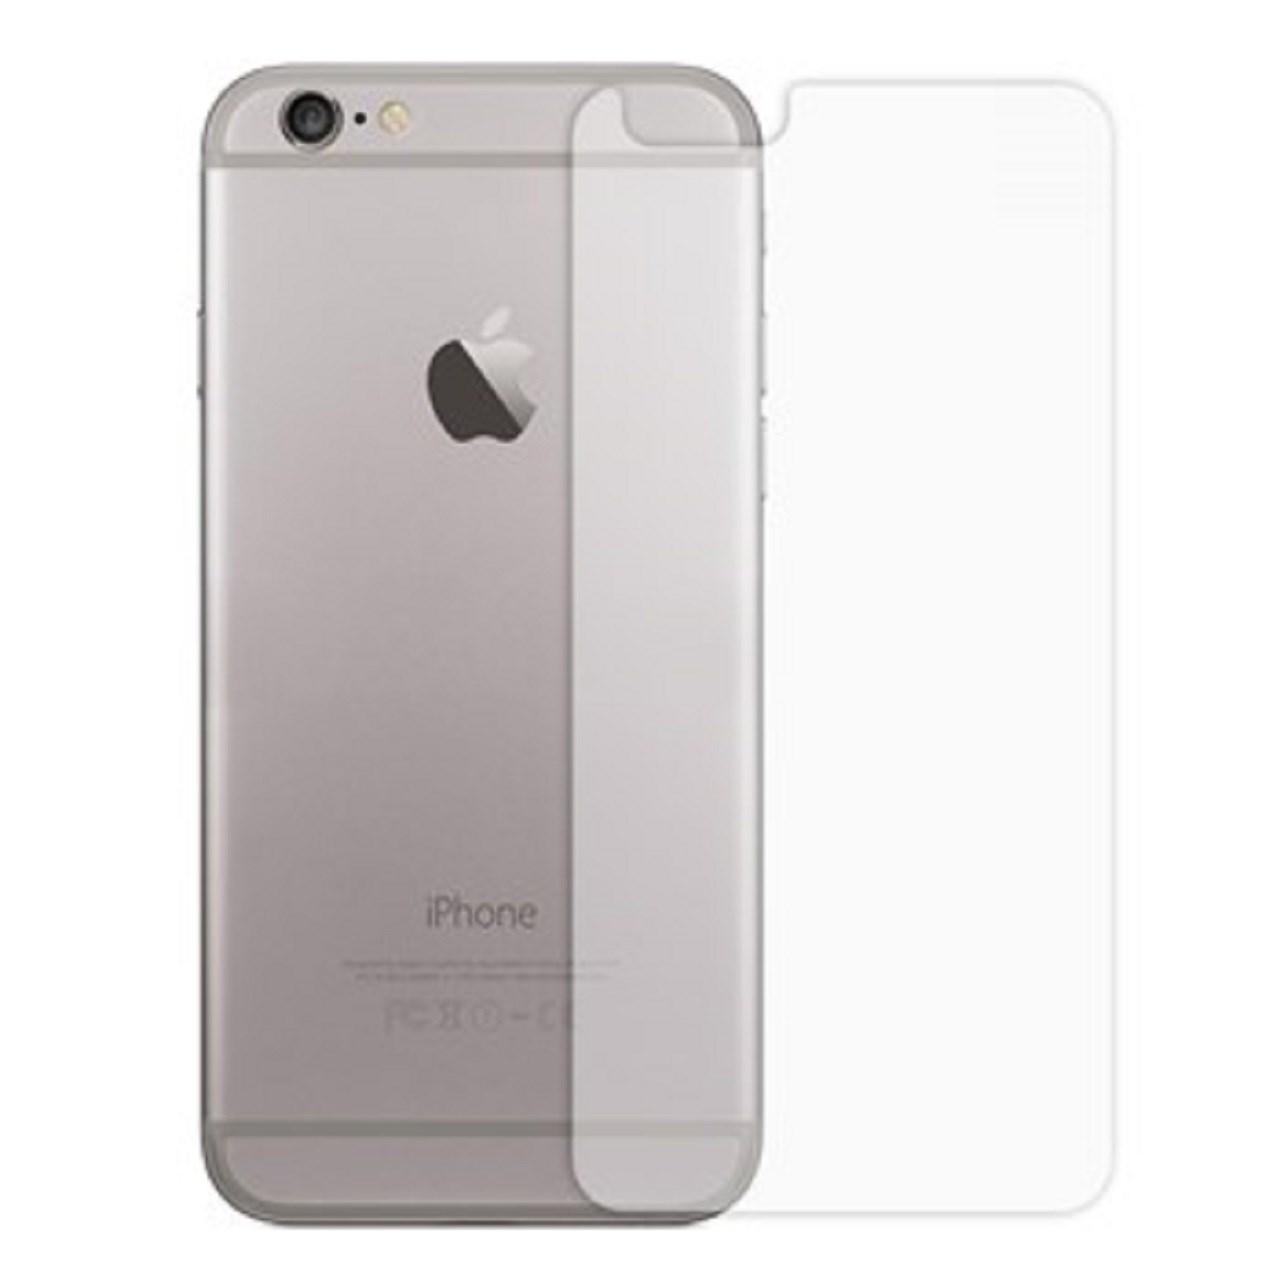 محافظ پشت گوشی  شیشه ای تمپرد مدل Special مناسب برای گوشی موبایل  اپل آیفون 6/6S